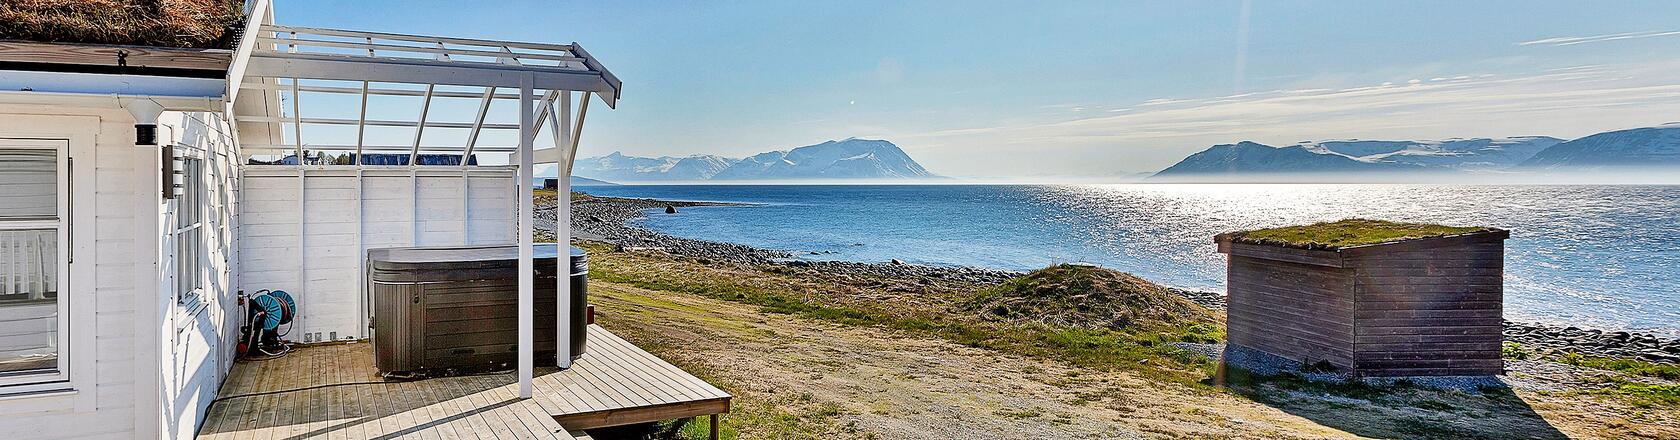 tran y in norwegen mieten sie ein ferienhaus bei dancenter. Black Bedroom Furniture Sets. Home Design Ideas